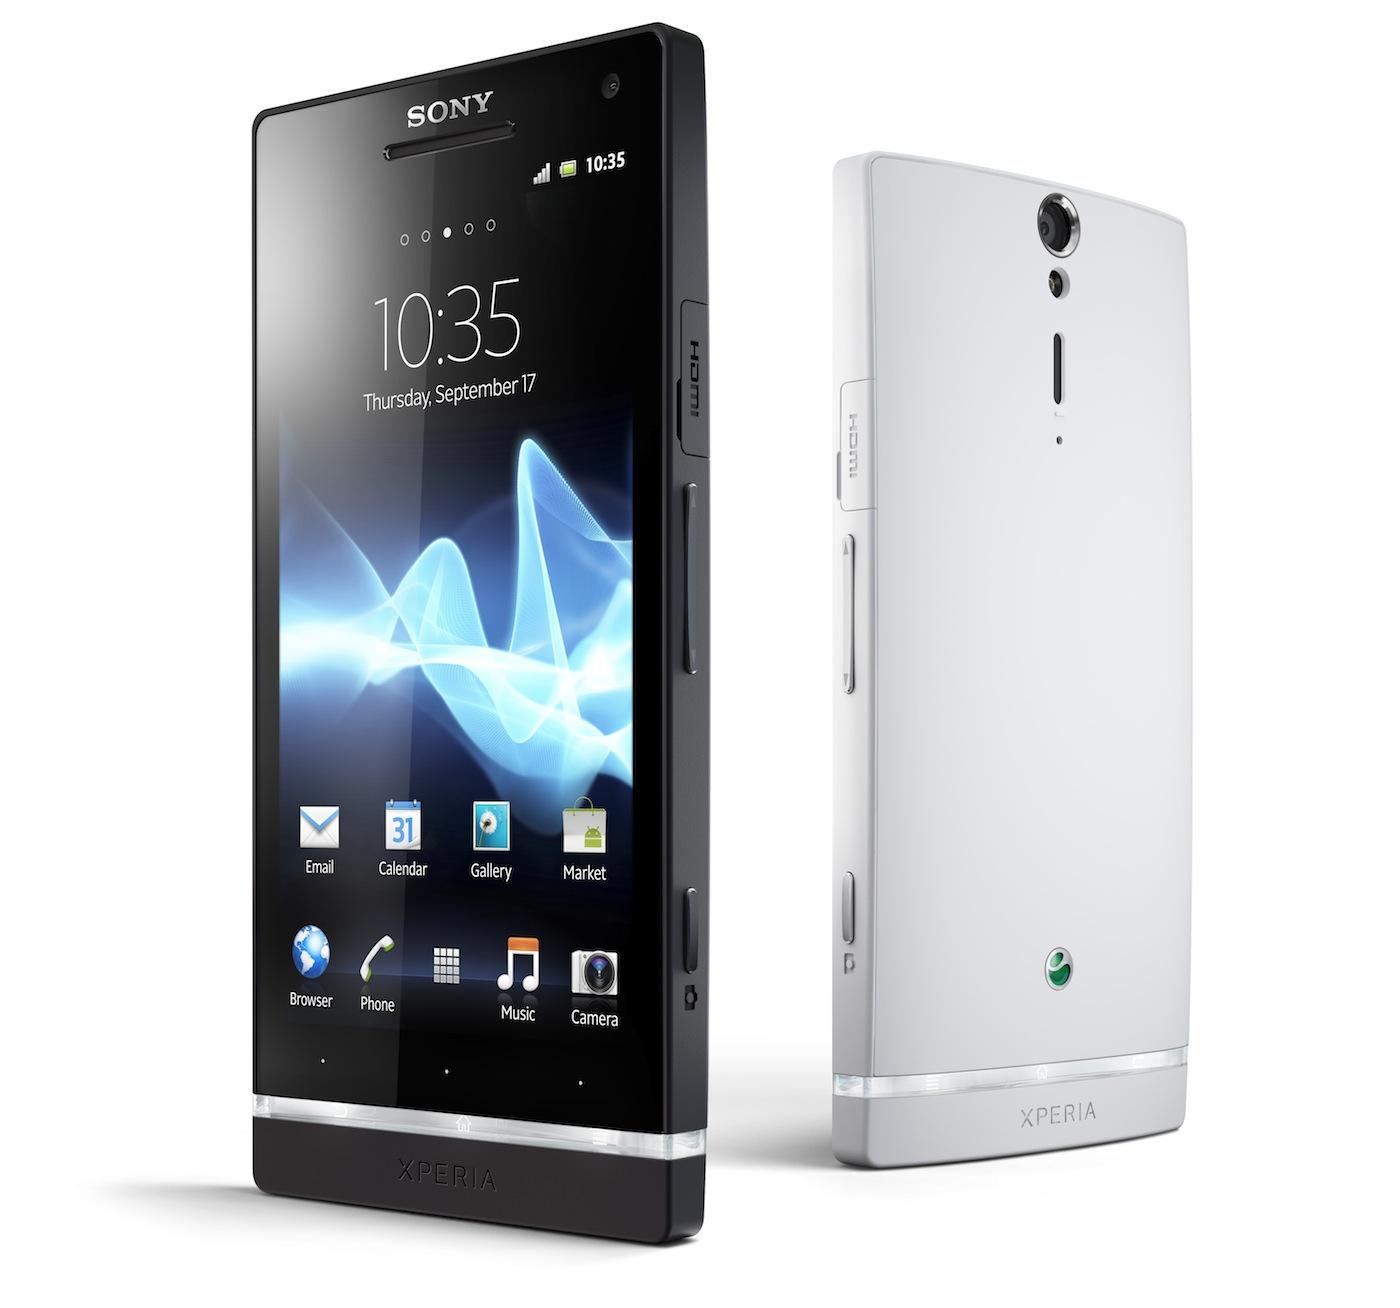 Smartphone Sony Experia S